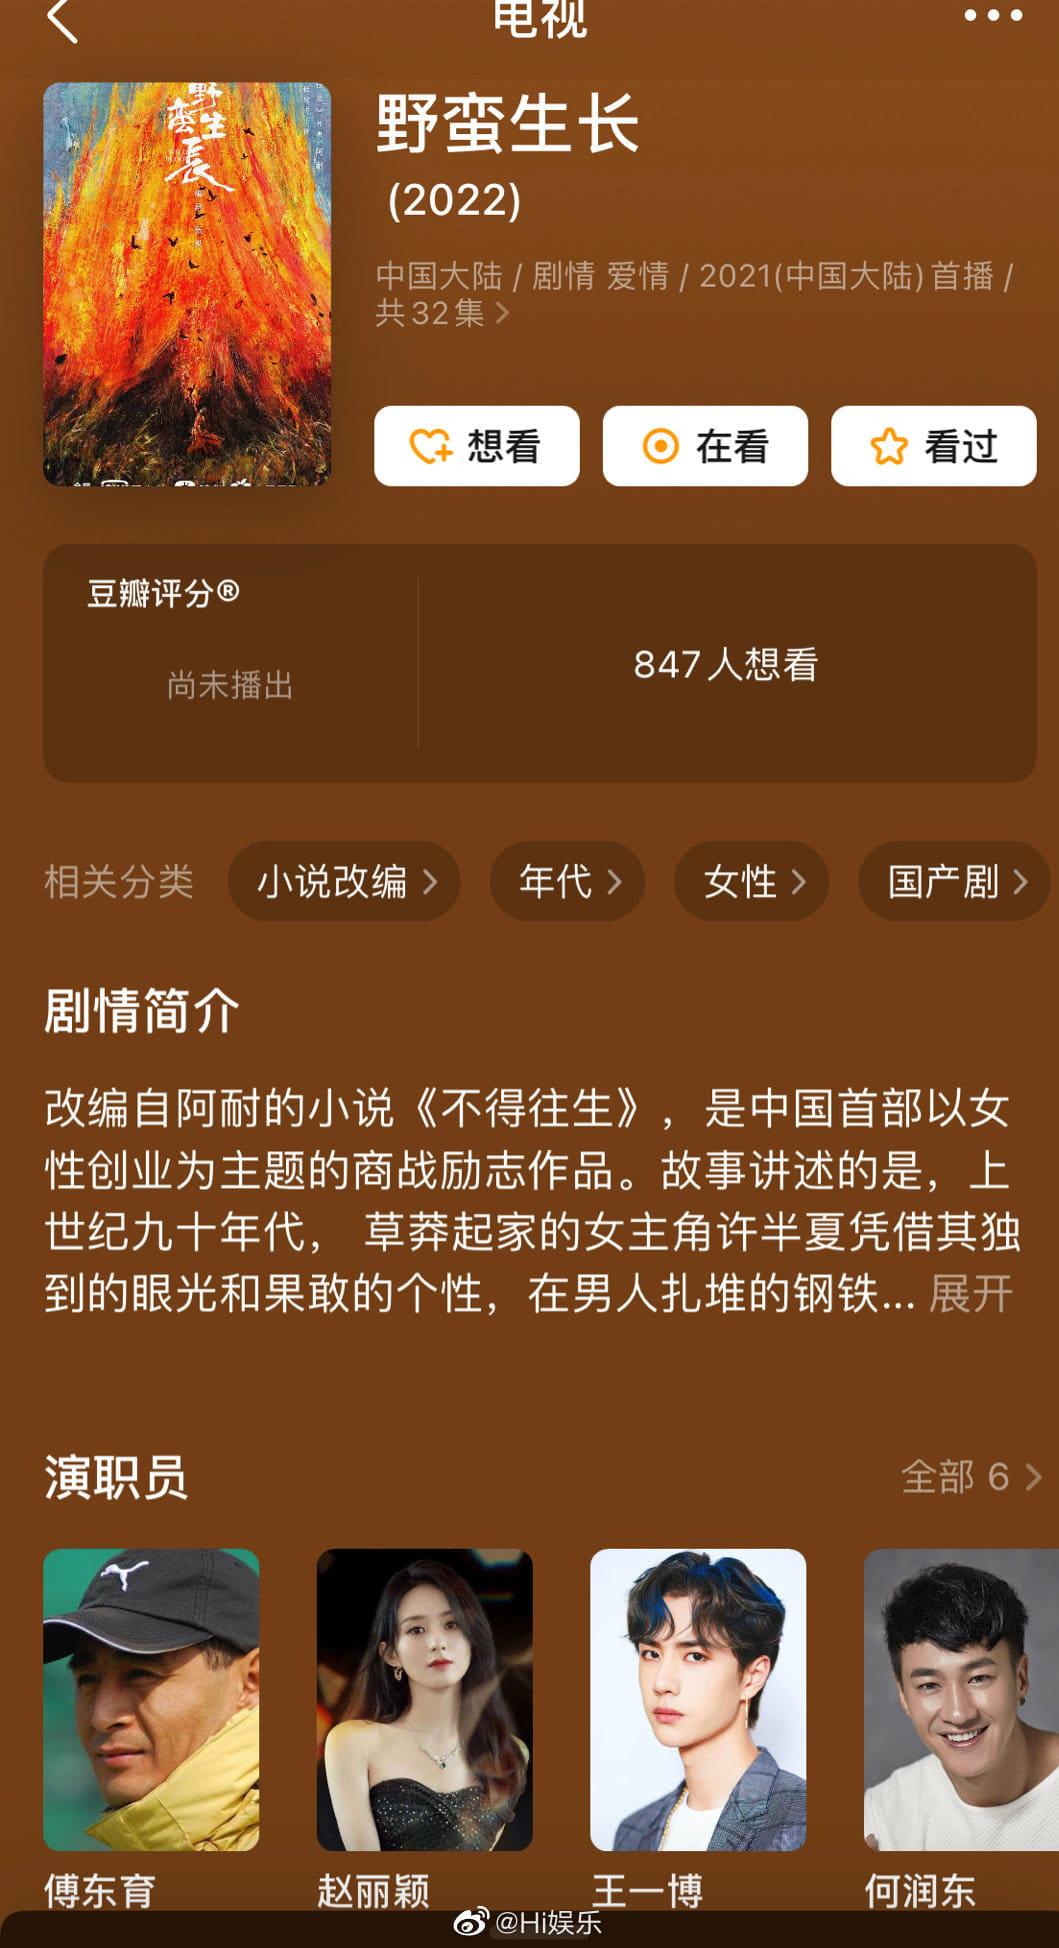 Tin nóng Cbiz ngày 24/8: Tiêu Chiến gặp họa, Lệ Dĩnh 'quằn quại; Nhiệt Ba viết tâm thư; Top hot search 2021 và nhiều tin hot khác 2